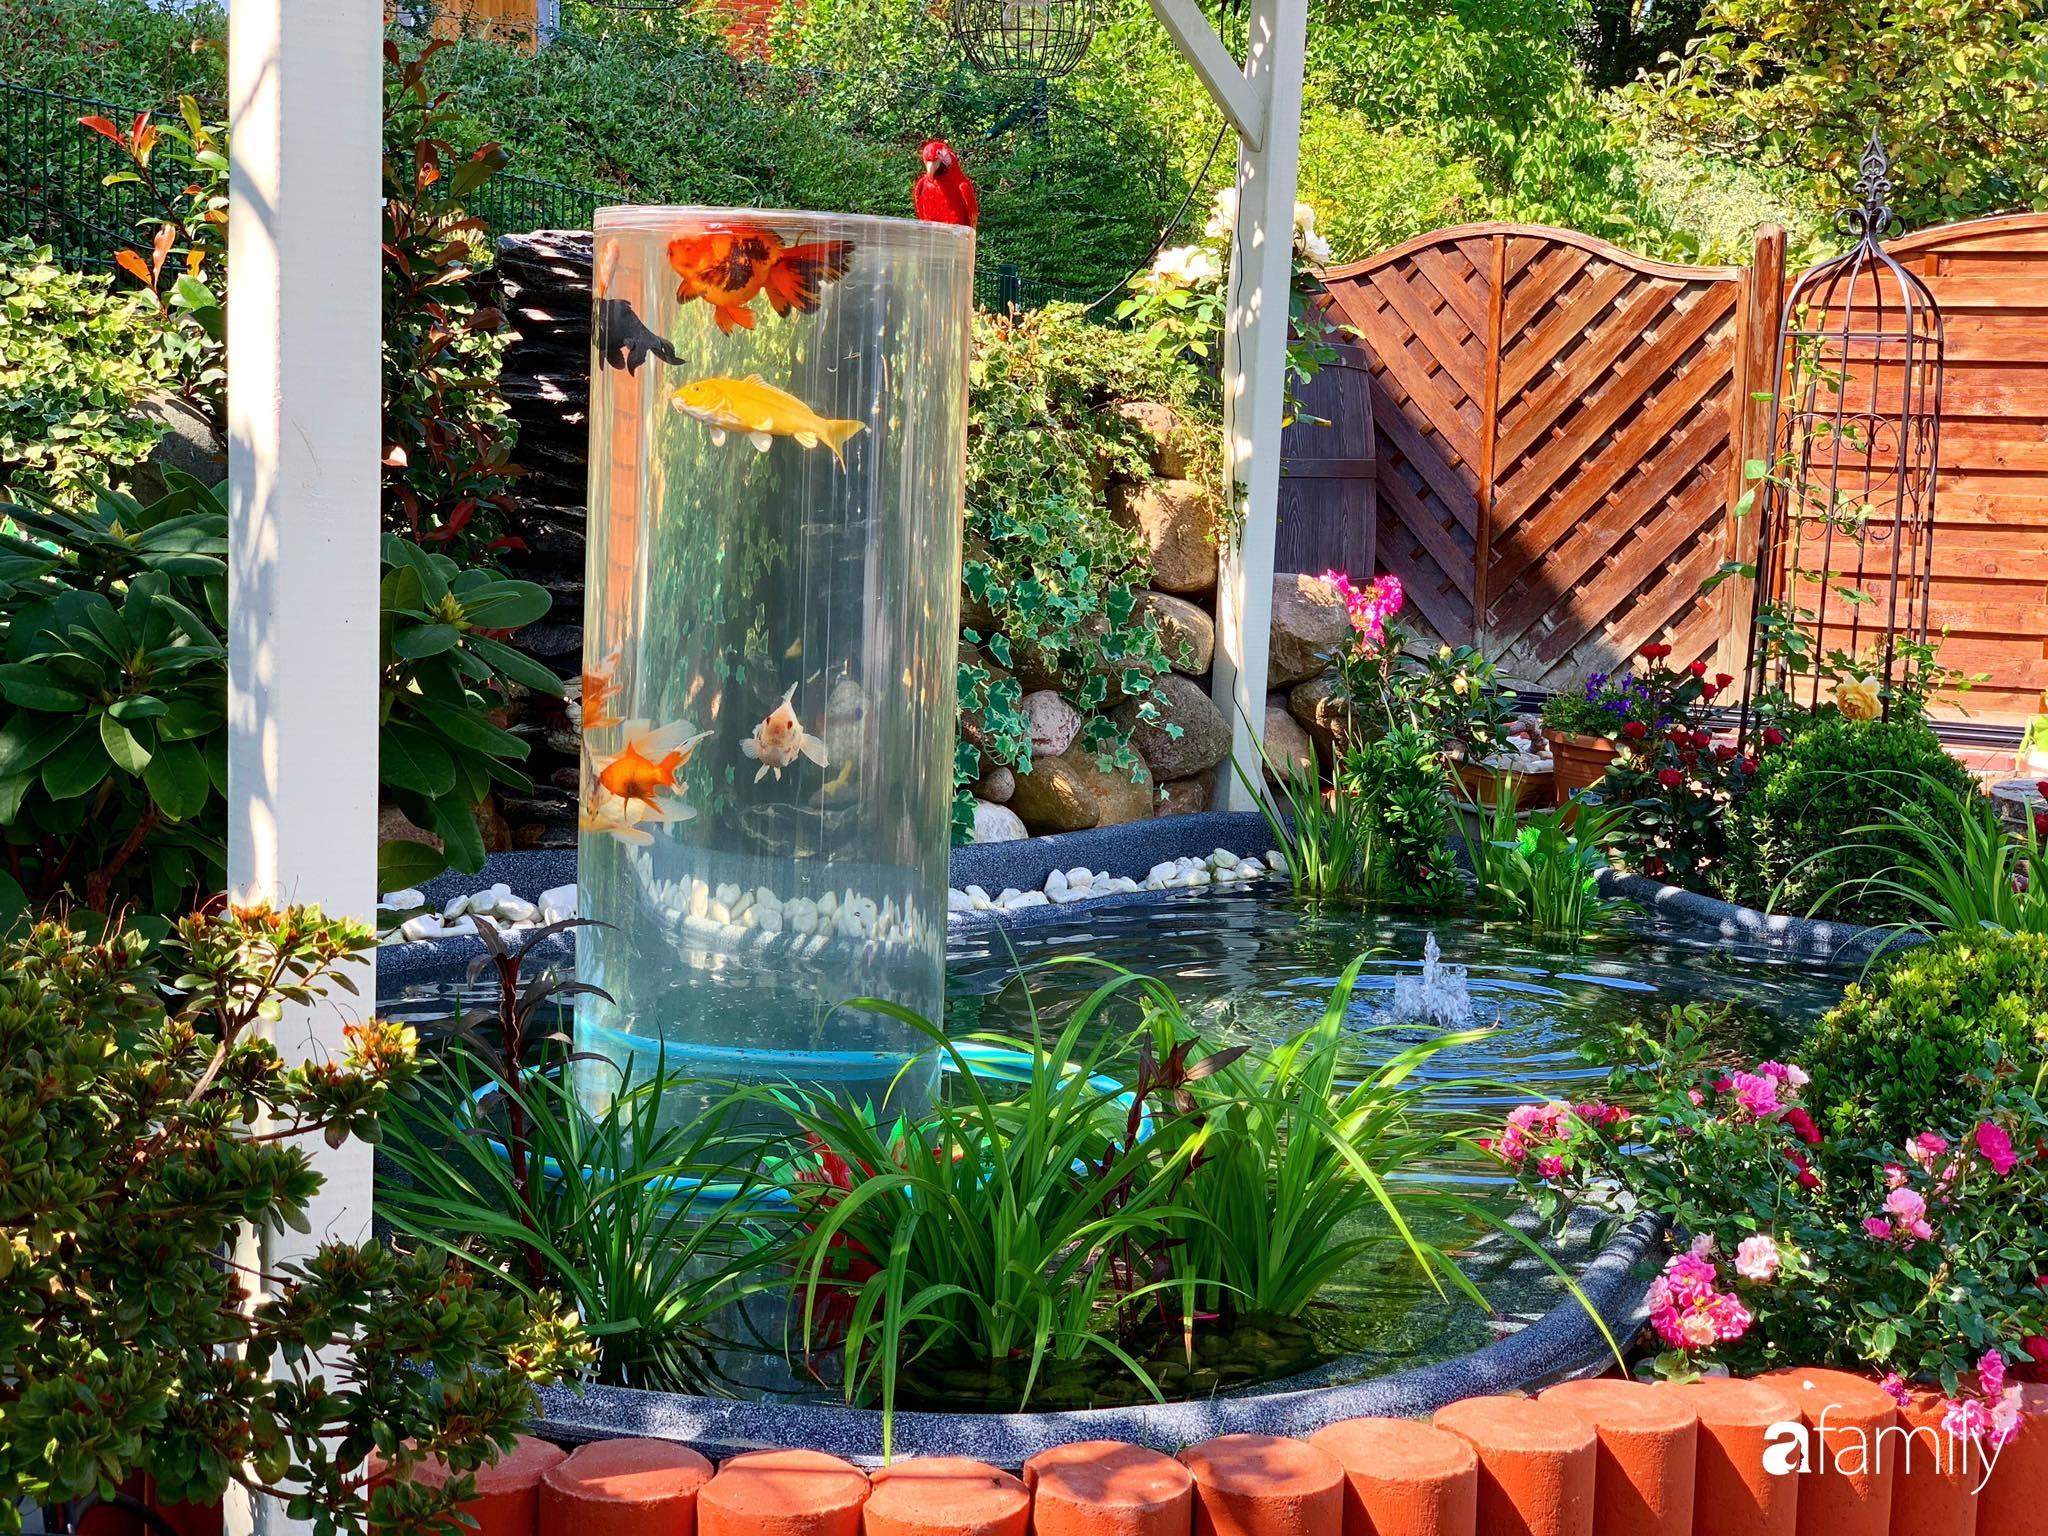 """Vườn hoa 500m² đẹp như cổ tích được tạo bởi tình yêu thiên nhiên của cặp vợ chồng dành cả """"thanh xuân"""" để trồng cây - Ảnh 5."""